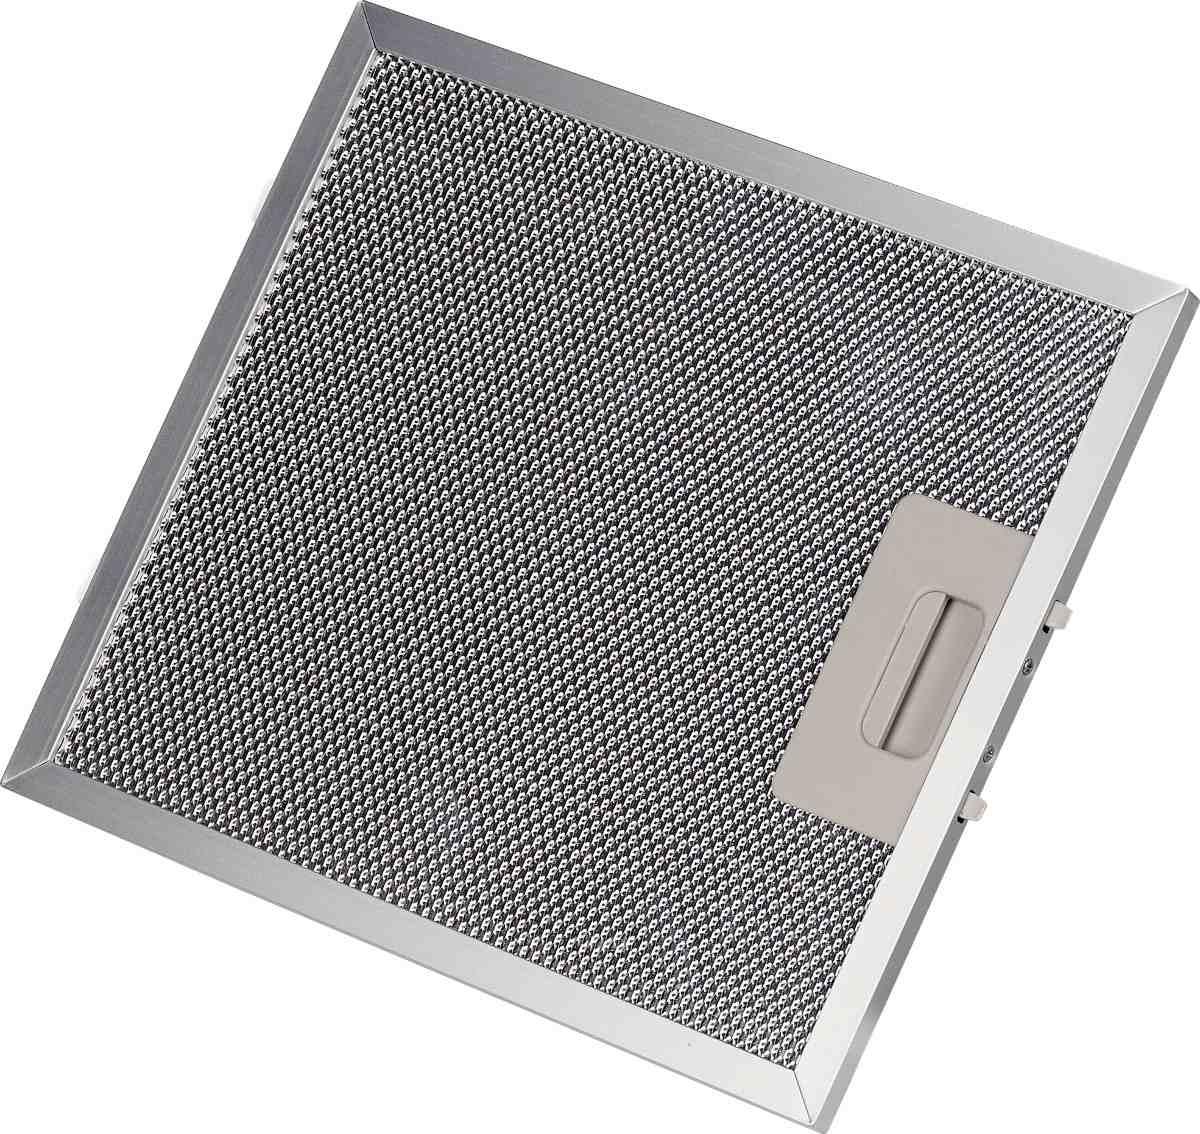 Filtro Alumínio Coifa Coral / Granada 27,7 x 36,3 cm Suggar